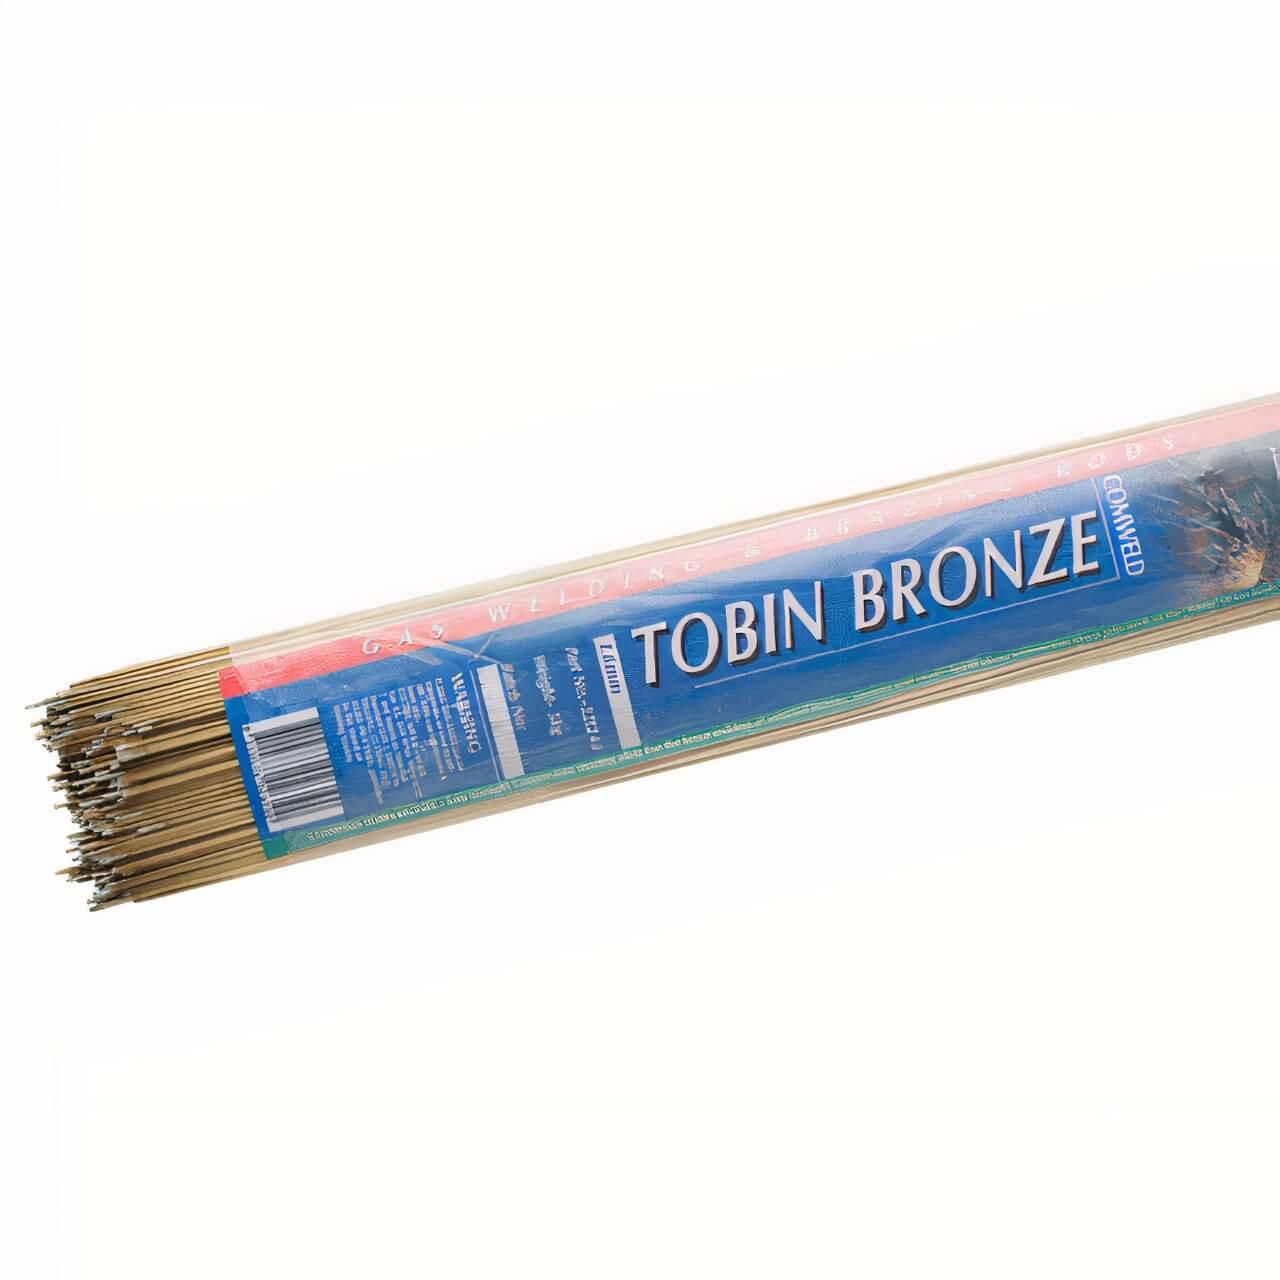 5.0mm Comweld Tobin Bronze 5kg Packet